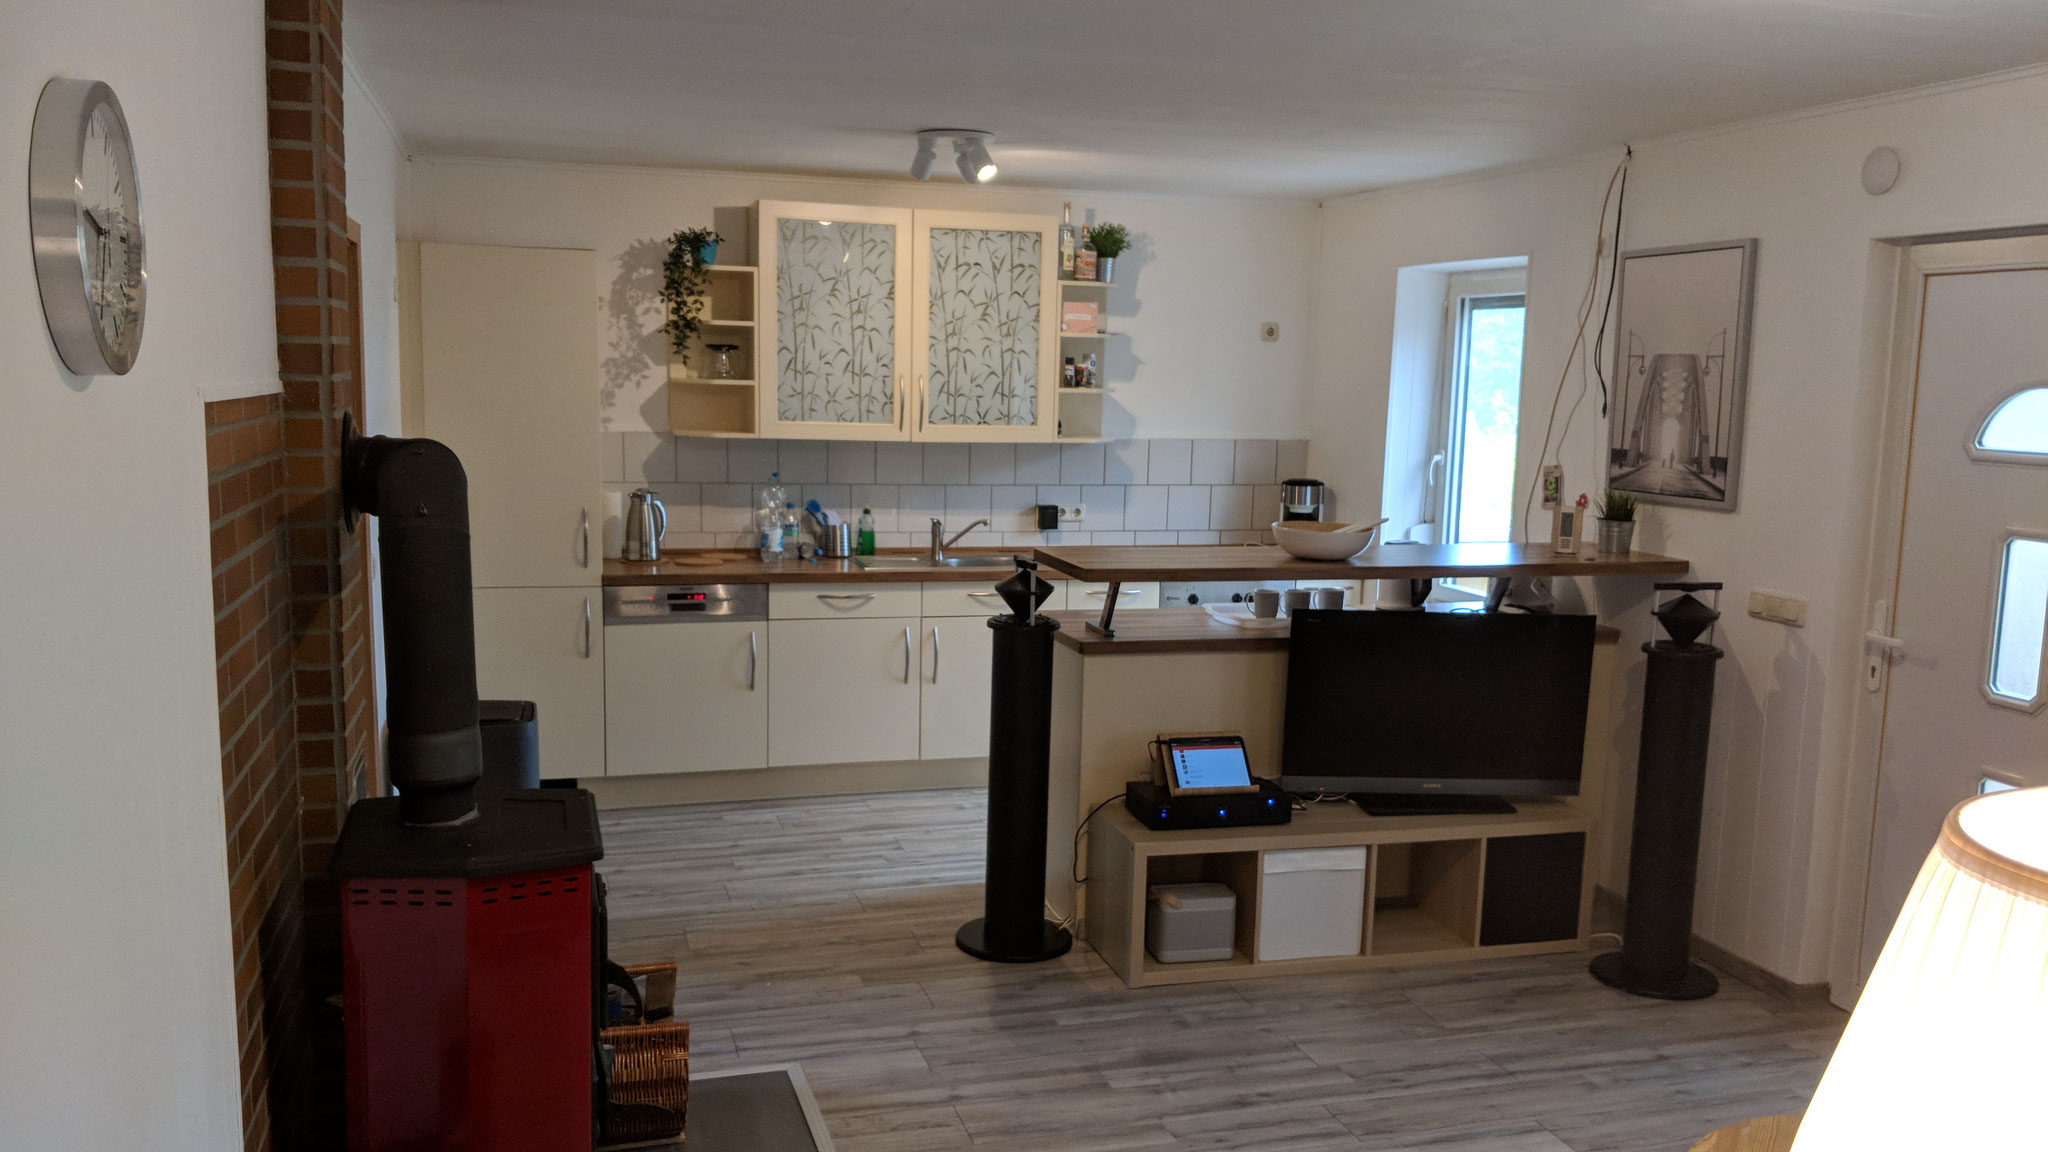 Ferienhaus Baalsee - Wohnbereich Küche